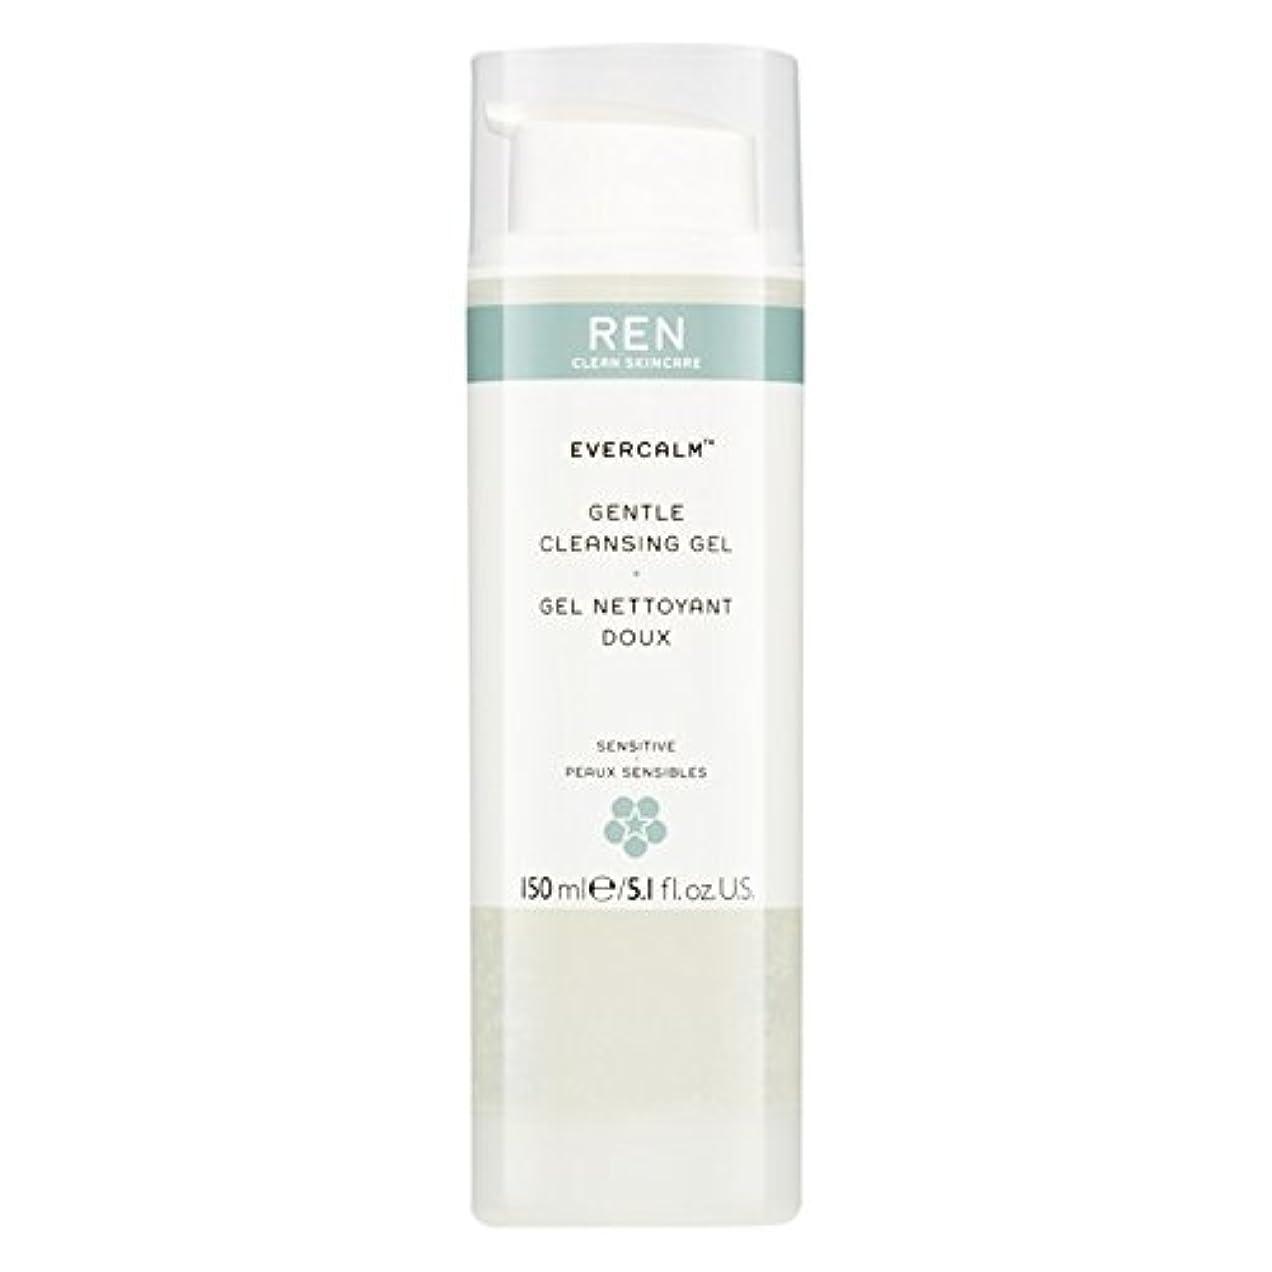 緩めるパット弁護人Ren Evercalm優しいクレンジングジェル、150ミリリットル (REN) (x2) - REN Evercalm Gentle Cleansing Gel, 150ml (Pack of 2) [並行輸入品]